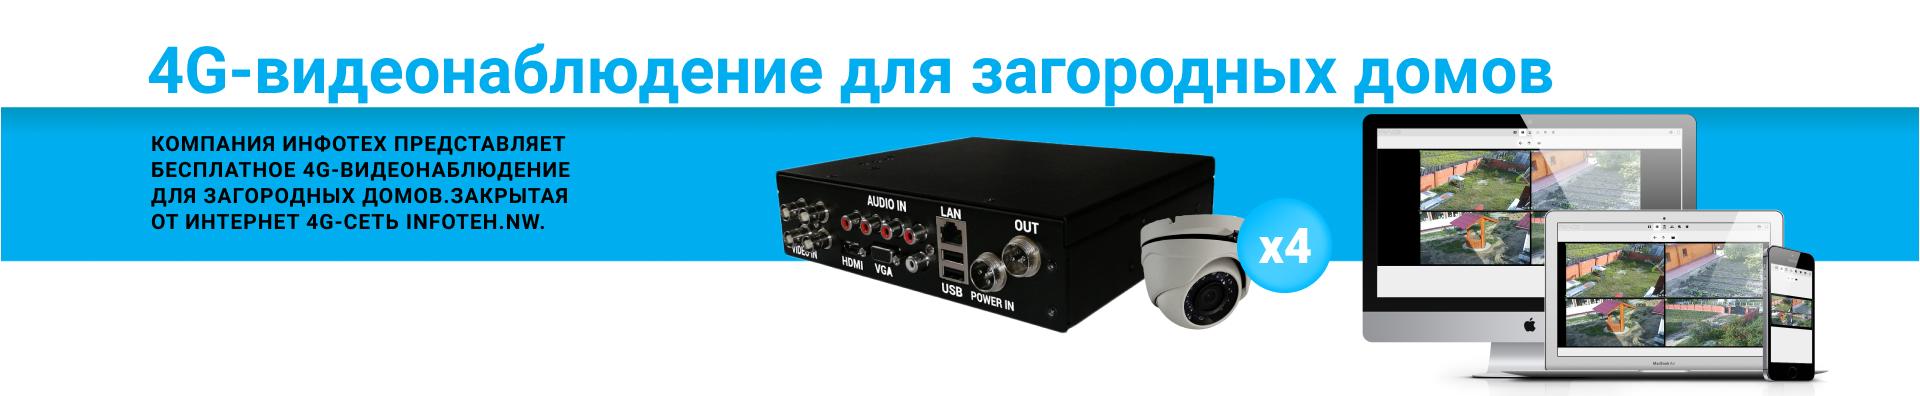 ИНФОТЕХ TRACE – Облачный сервис 4G-видеонаблюдения